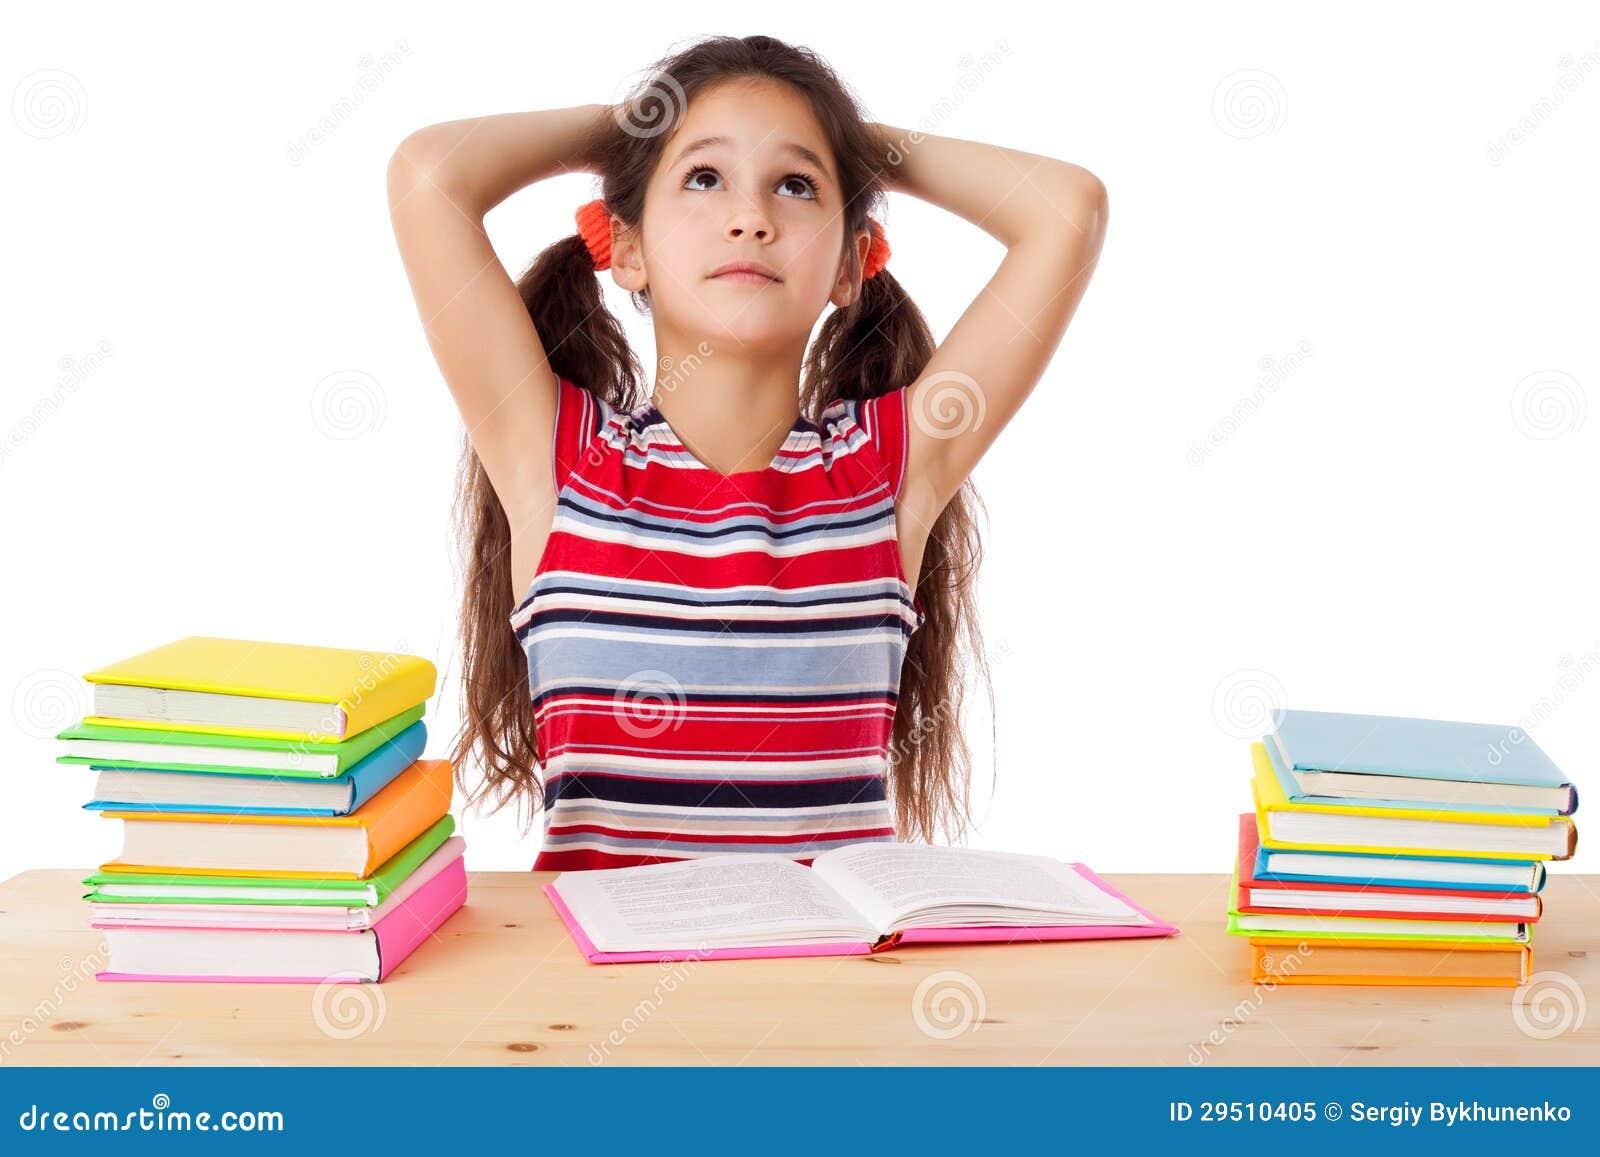 Vermoeid meisje met stapel boeken